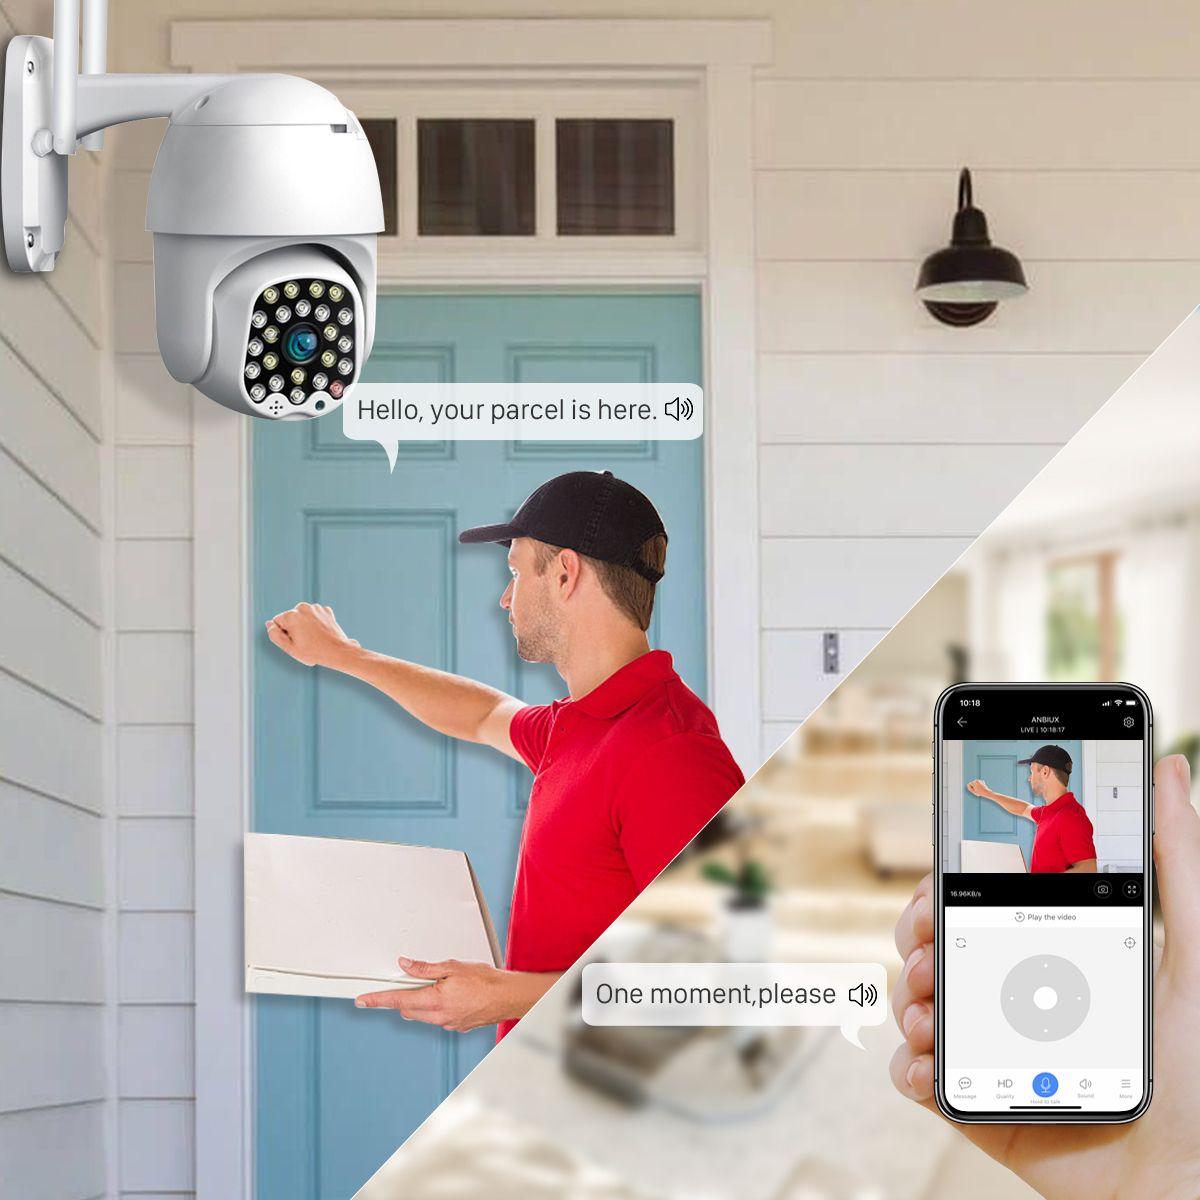 كاميرا 1080P سحابة واي فاي PTZ ماء 2MP كامل لون السيارات تتبع CCTV الأمن كاميرا IP تقريب رقمي 4X سرعة قبة الكاميرا IP